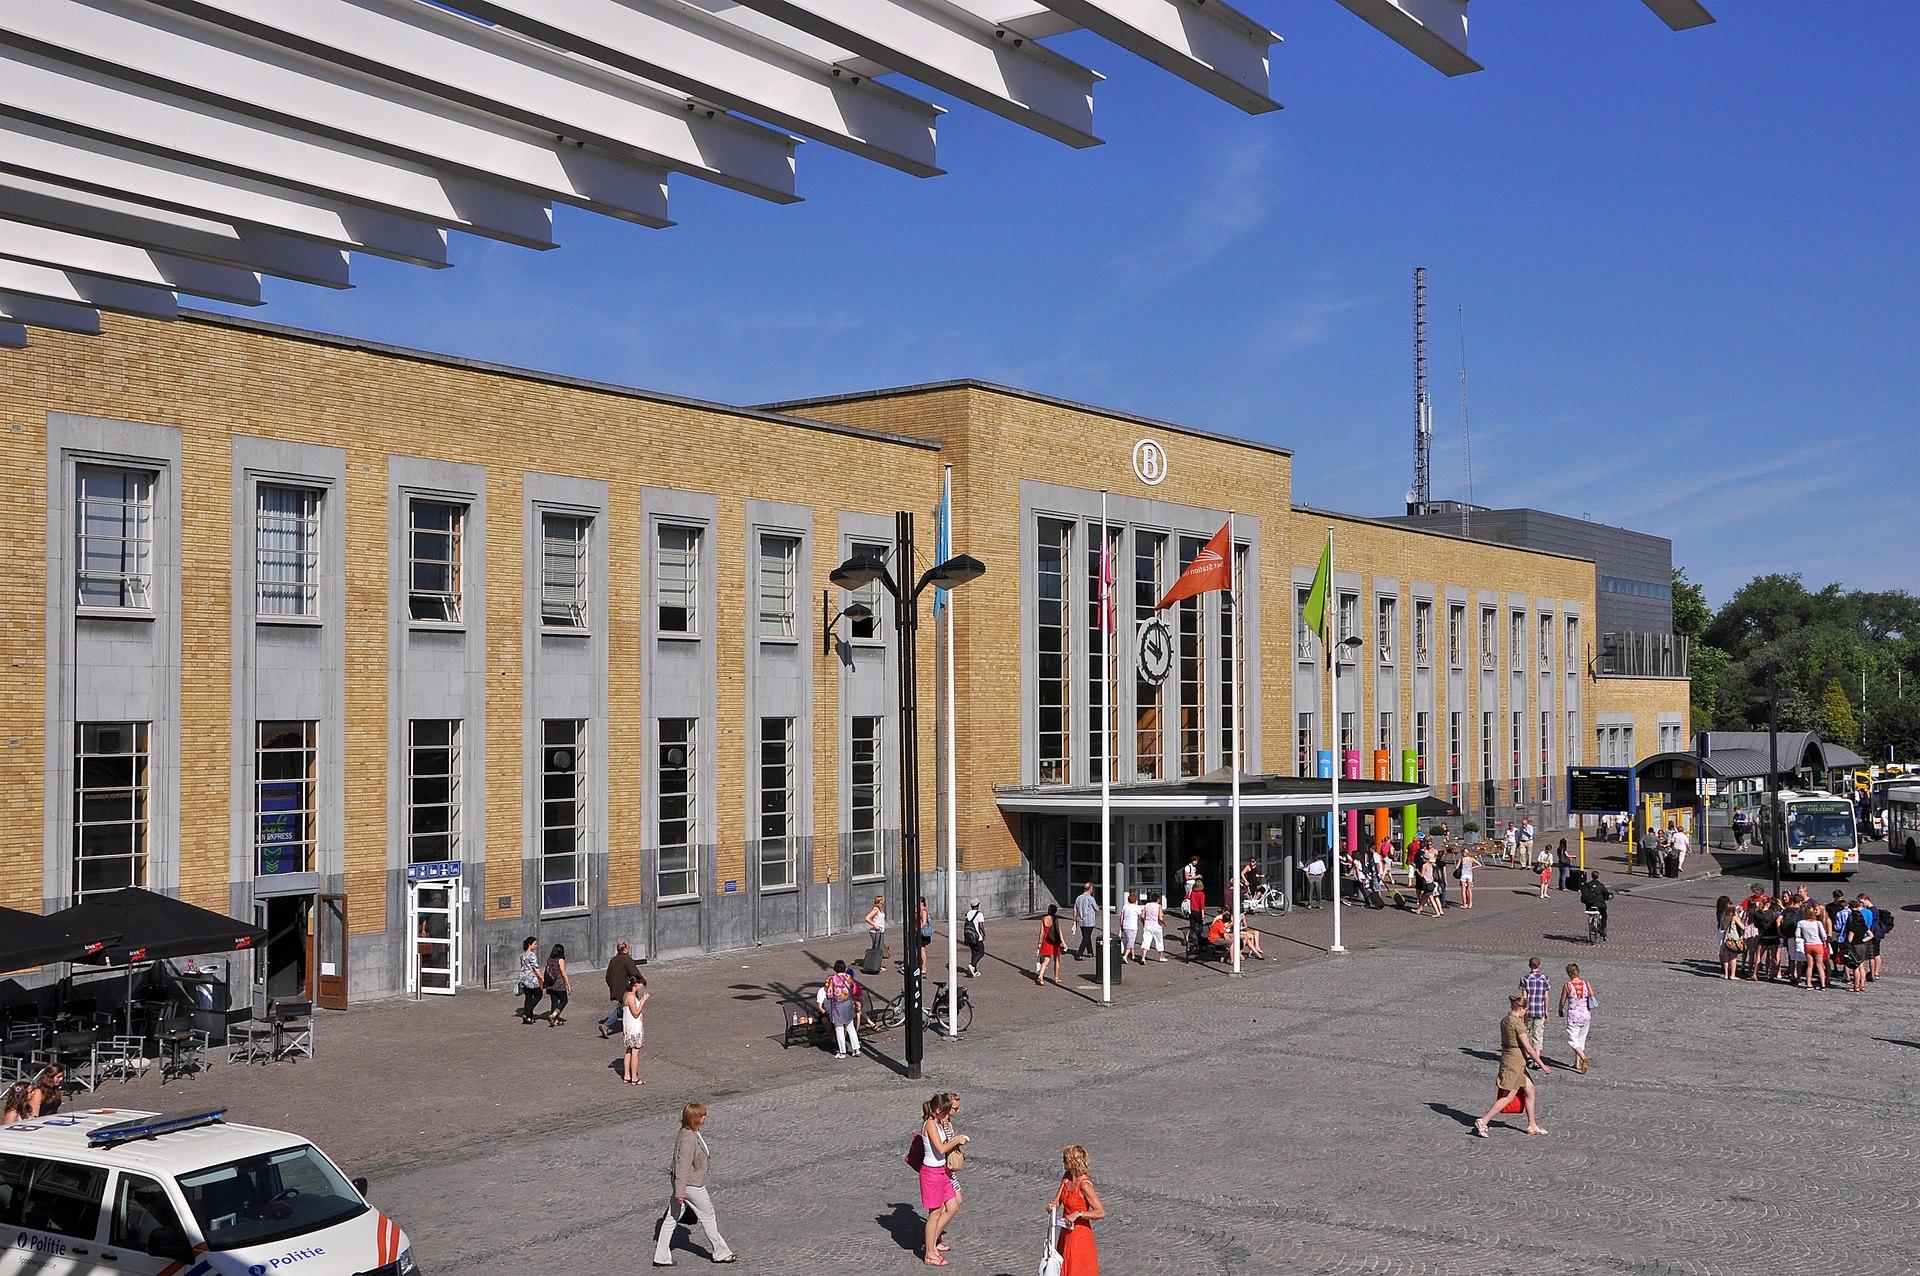 Gare de bruges wikip dia - Office du tourisme bruges belgique adresse ...